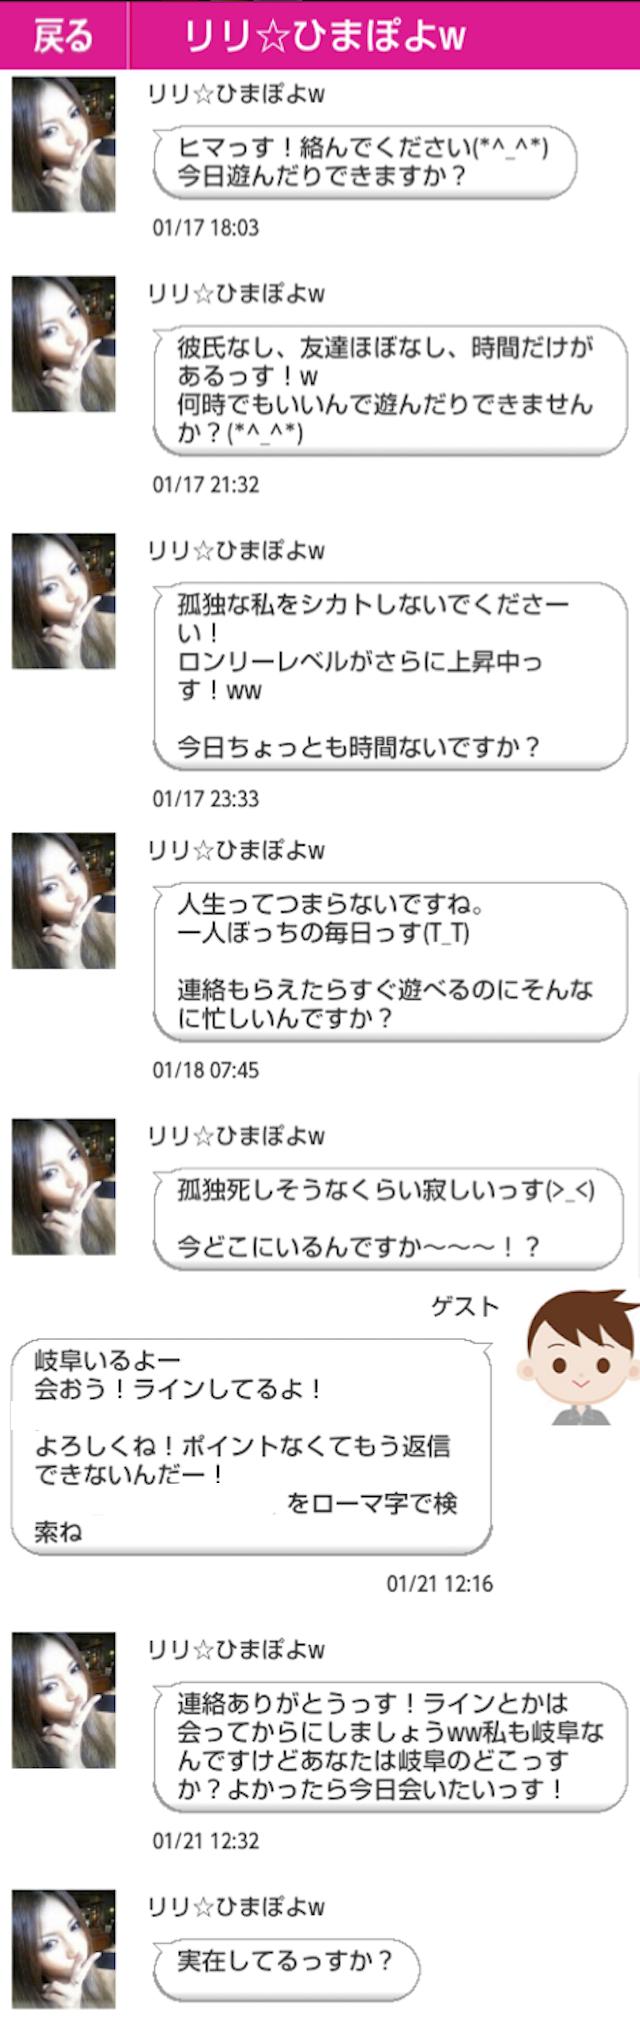 らぶクック_アプリ5